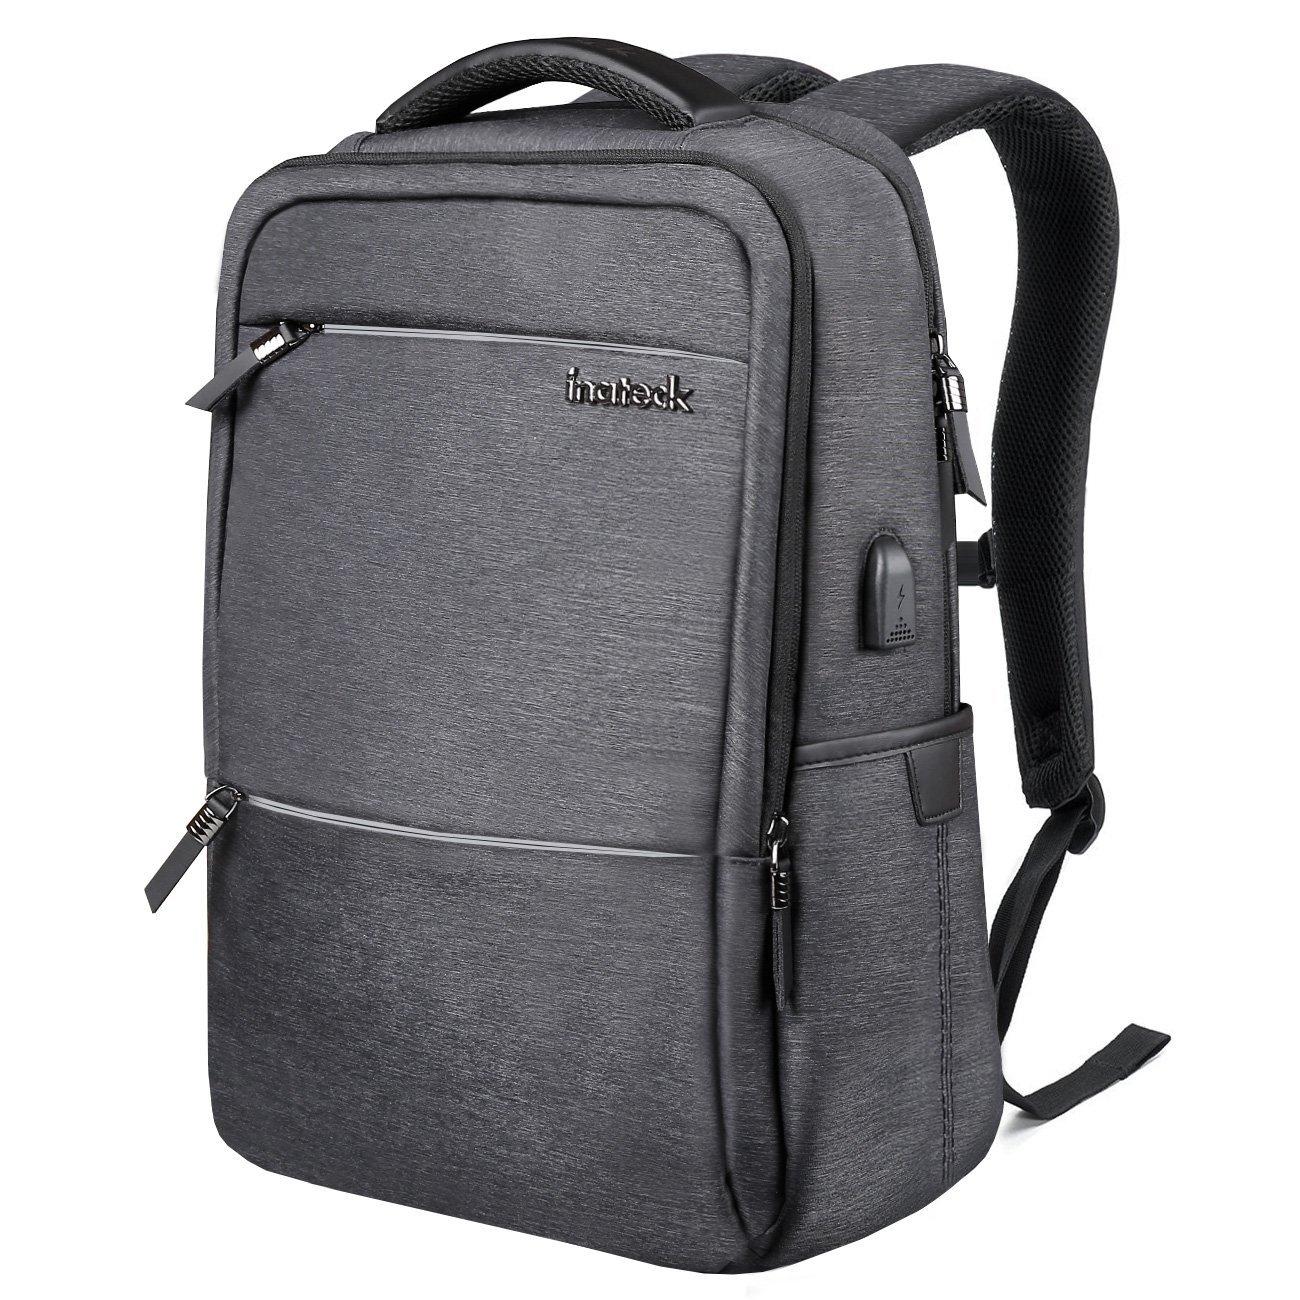 [Amazon.de] Wertiger Laptop-Rucksack für knapp 26€